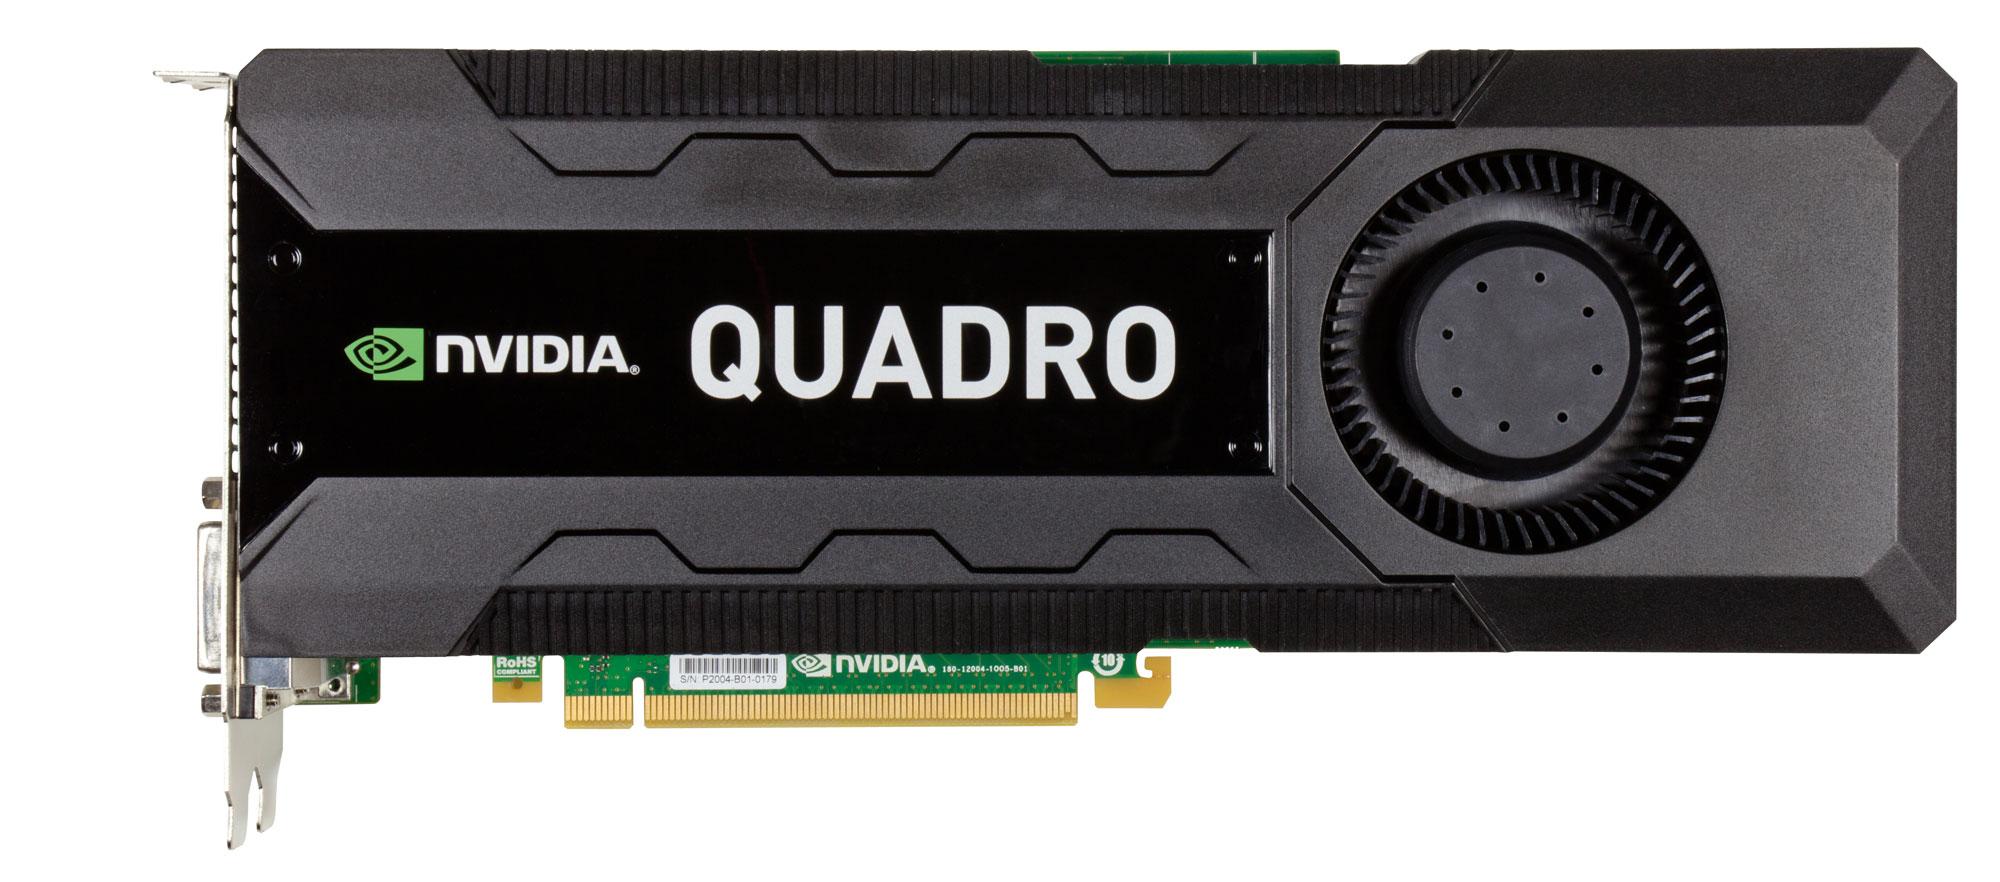 The NVIDIA Quadro K5000 15